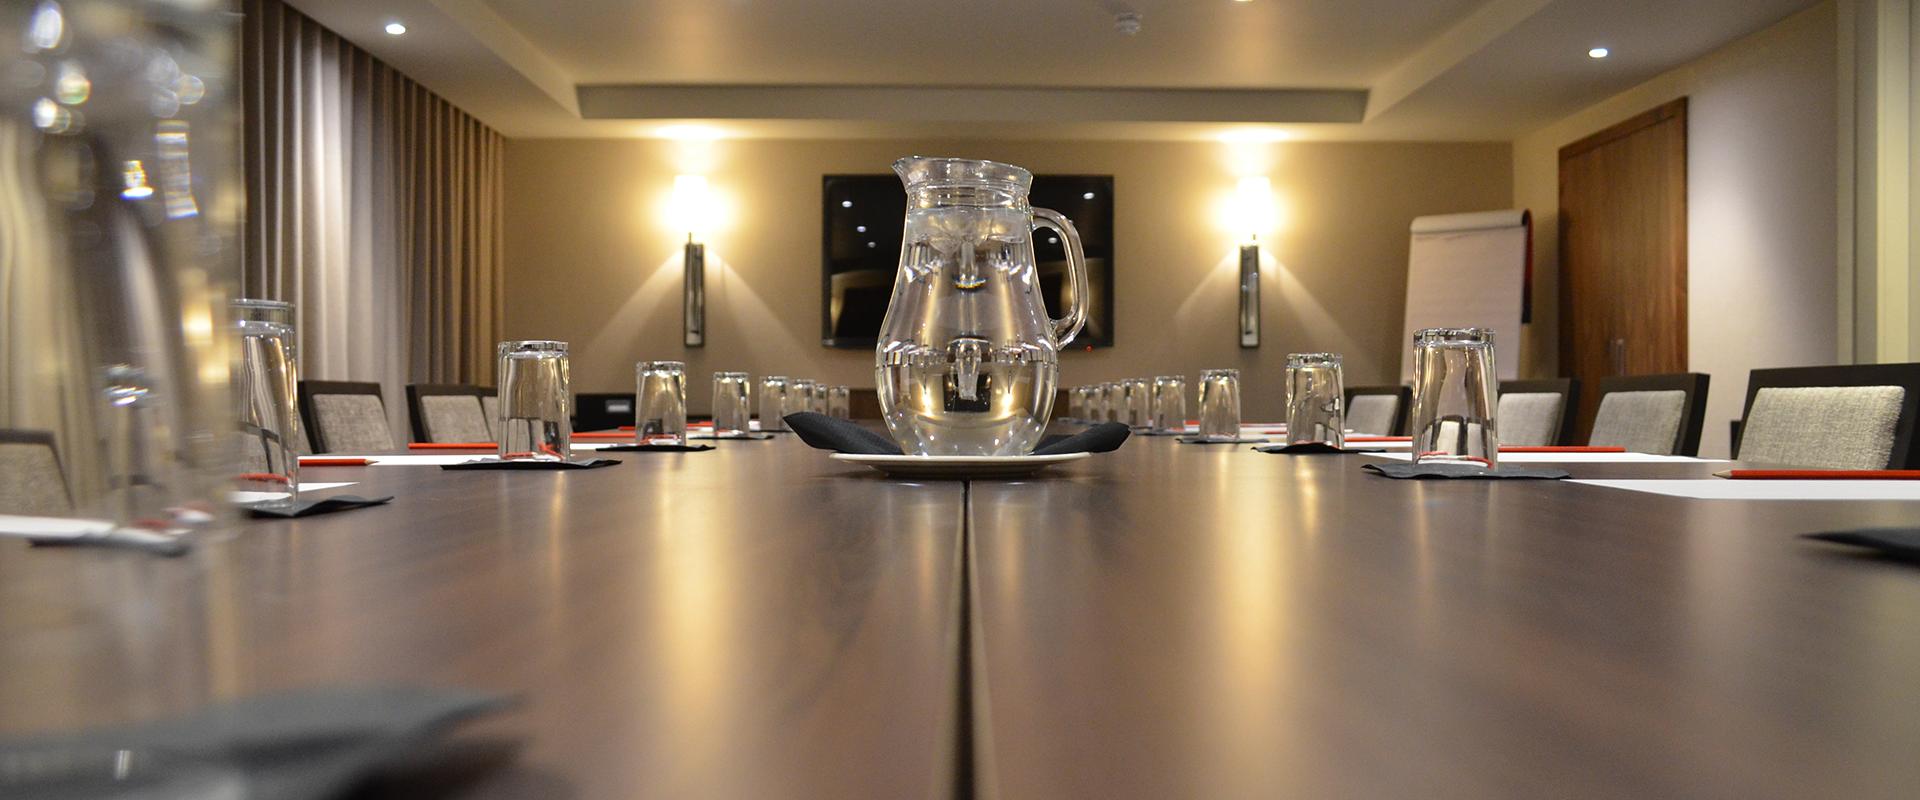 Meeting Rooms Dumfries